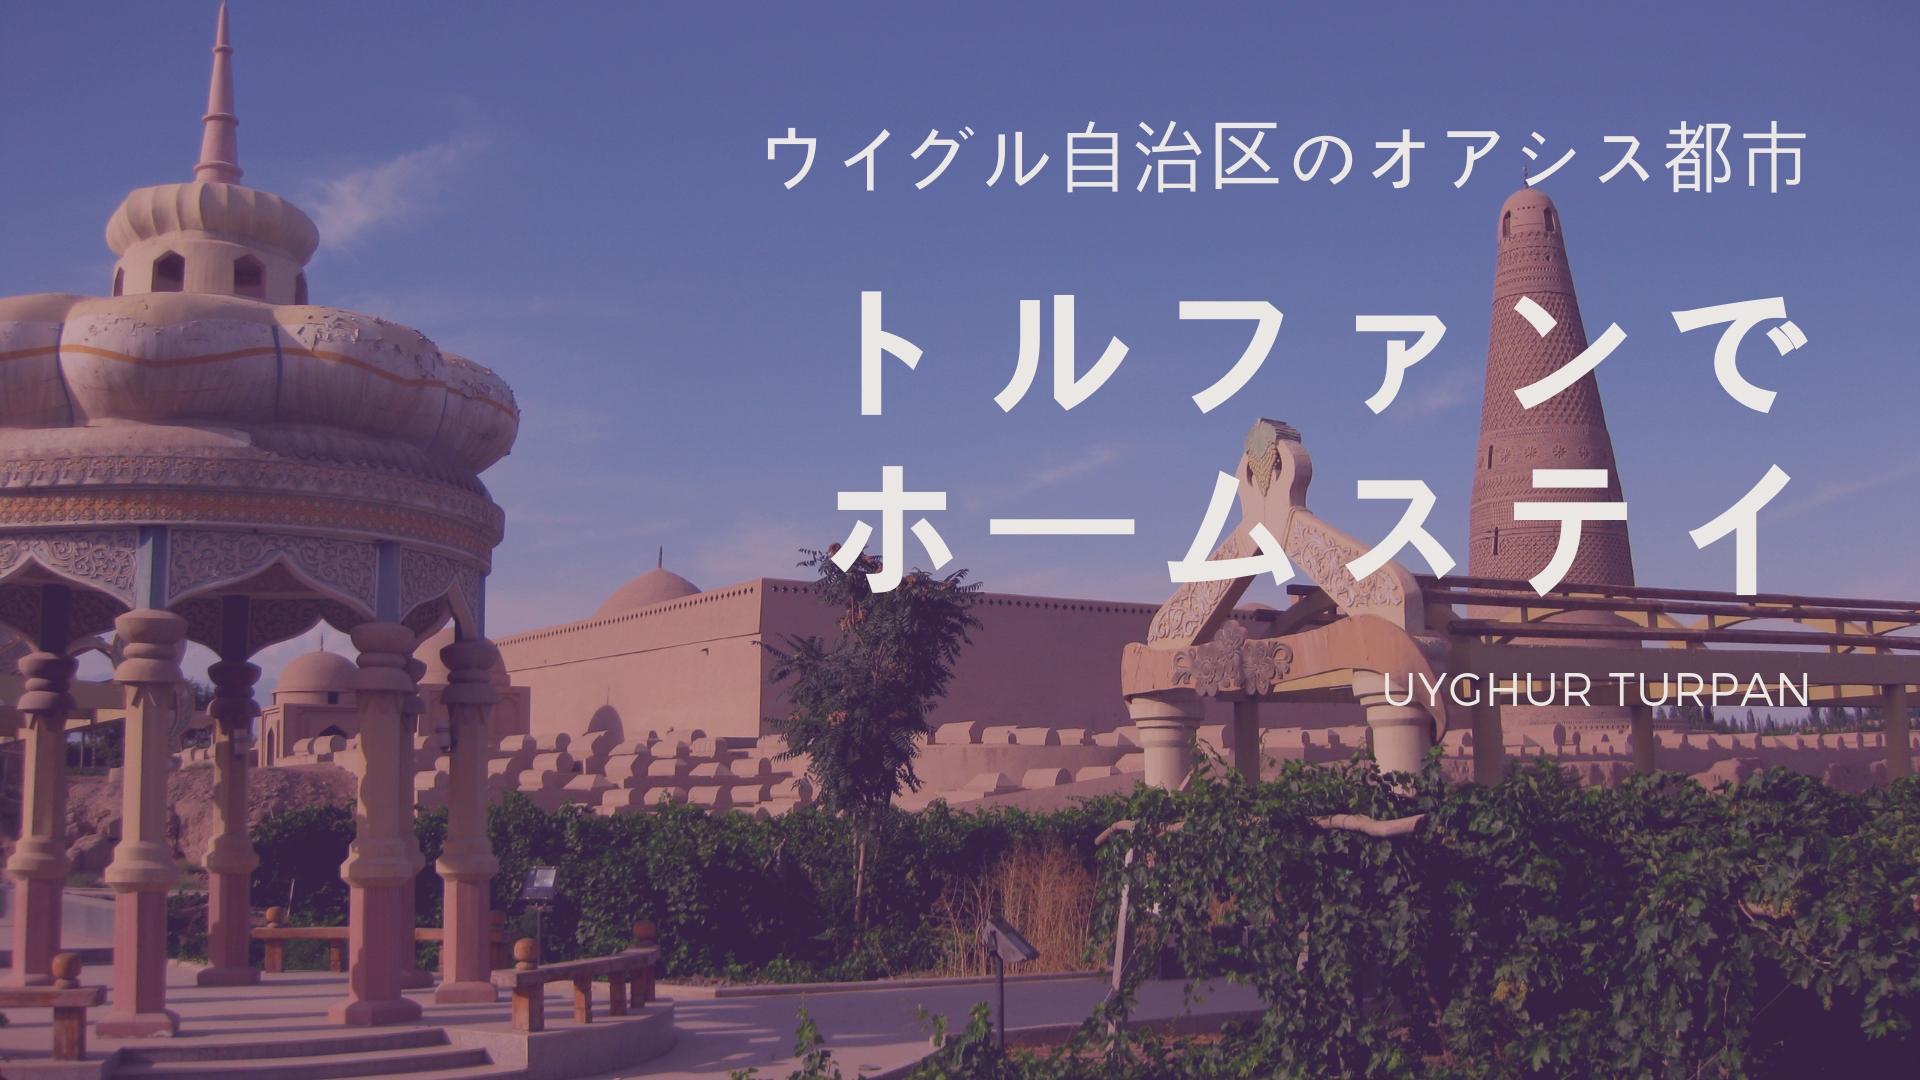 中国 新疆ウイグル自治区旅行記】トルファン ウイグル族宅にホームステイ編